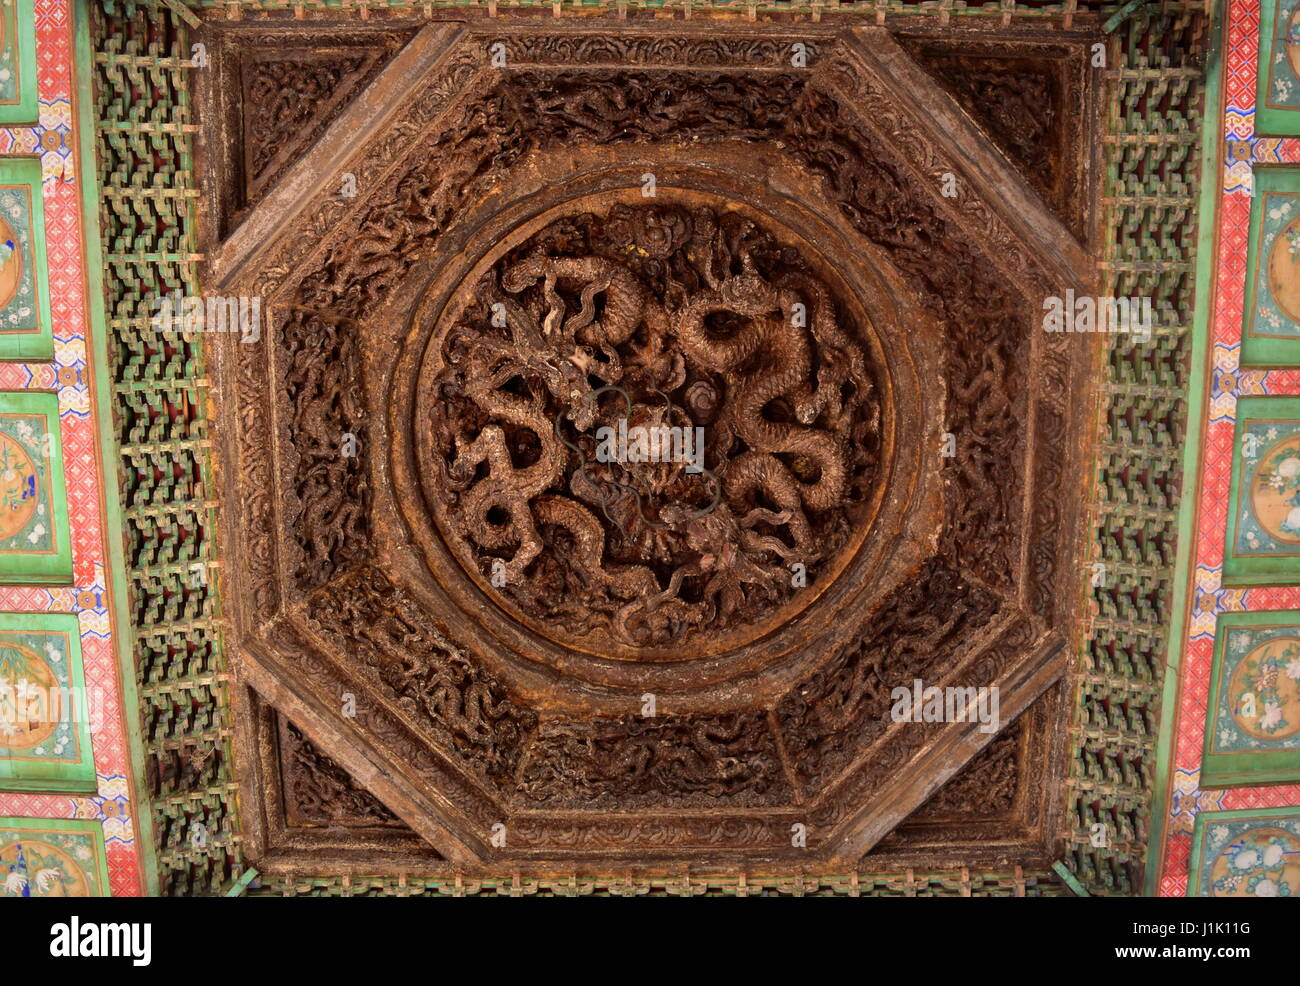 Holz Geschnitzt Chinesische Drachen Dekoration Der Decke Von Einem